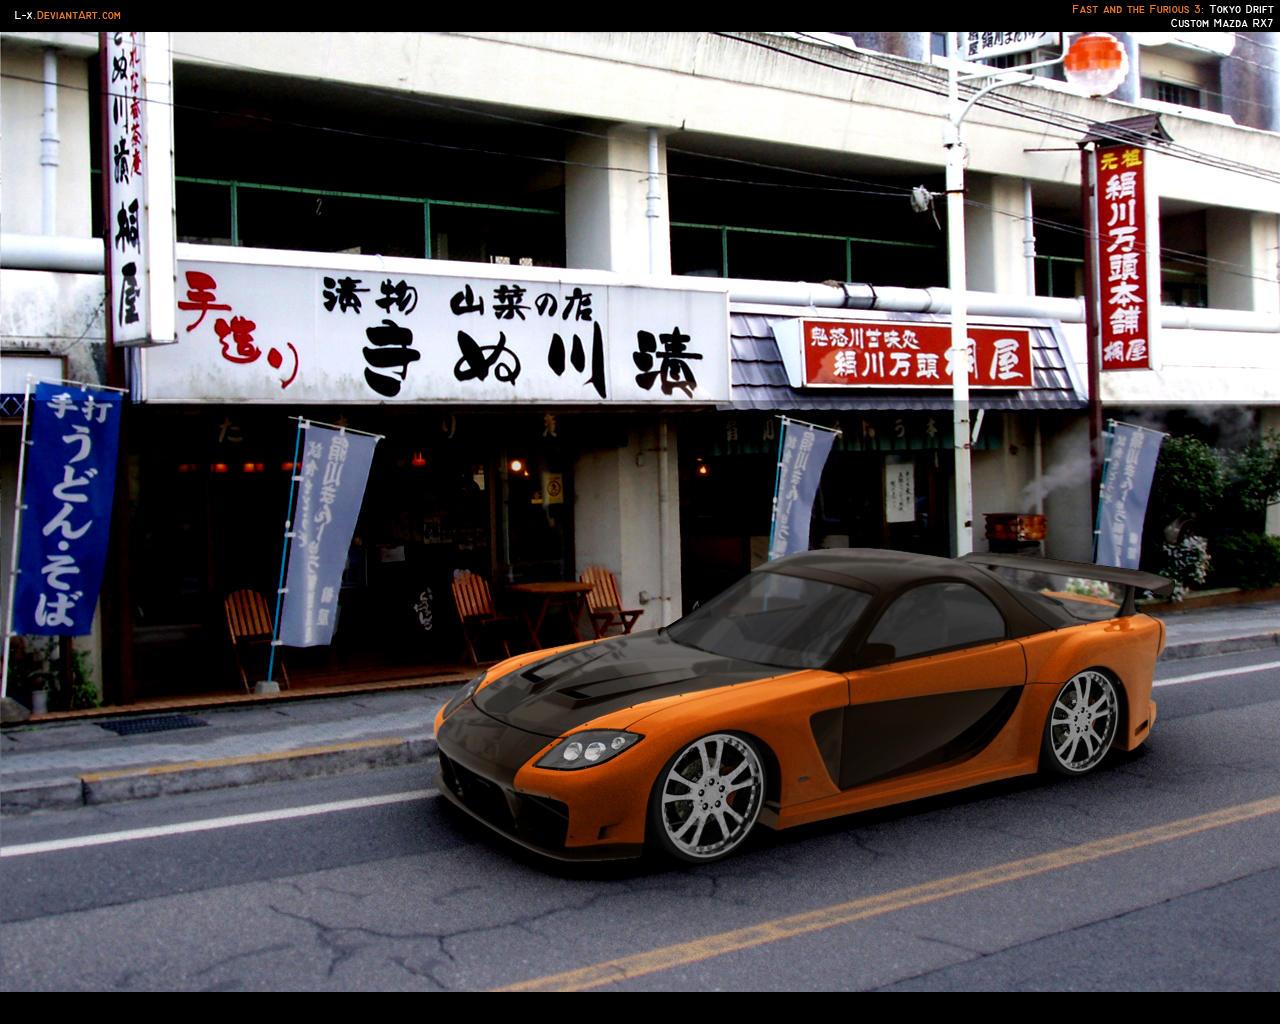 Fast'n Furious RX7 by L-X